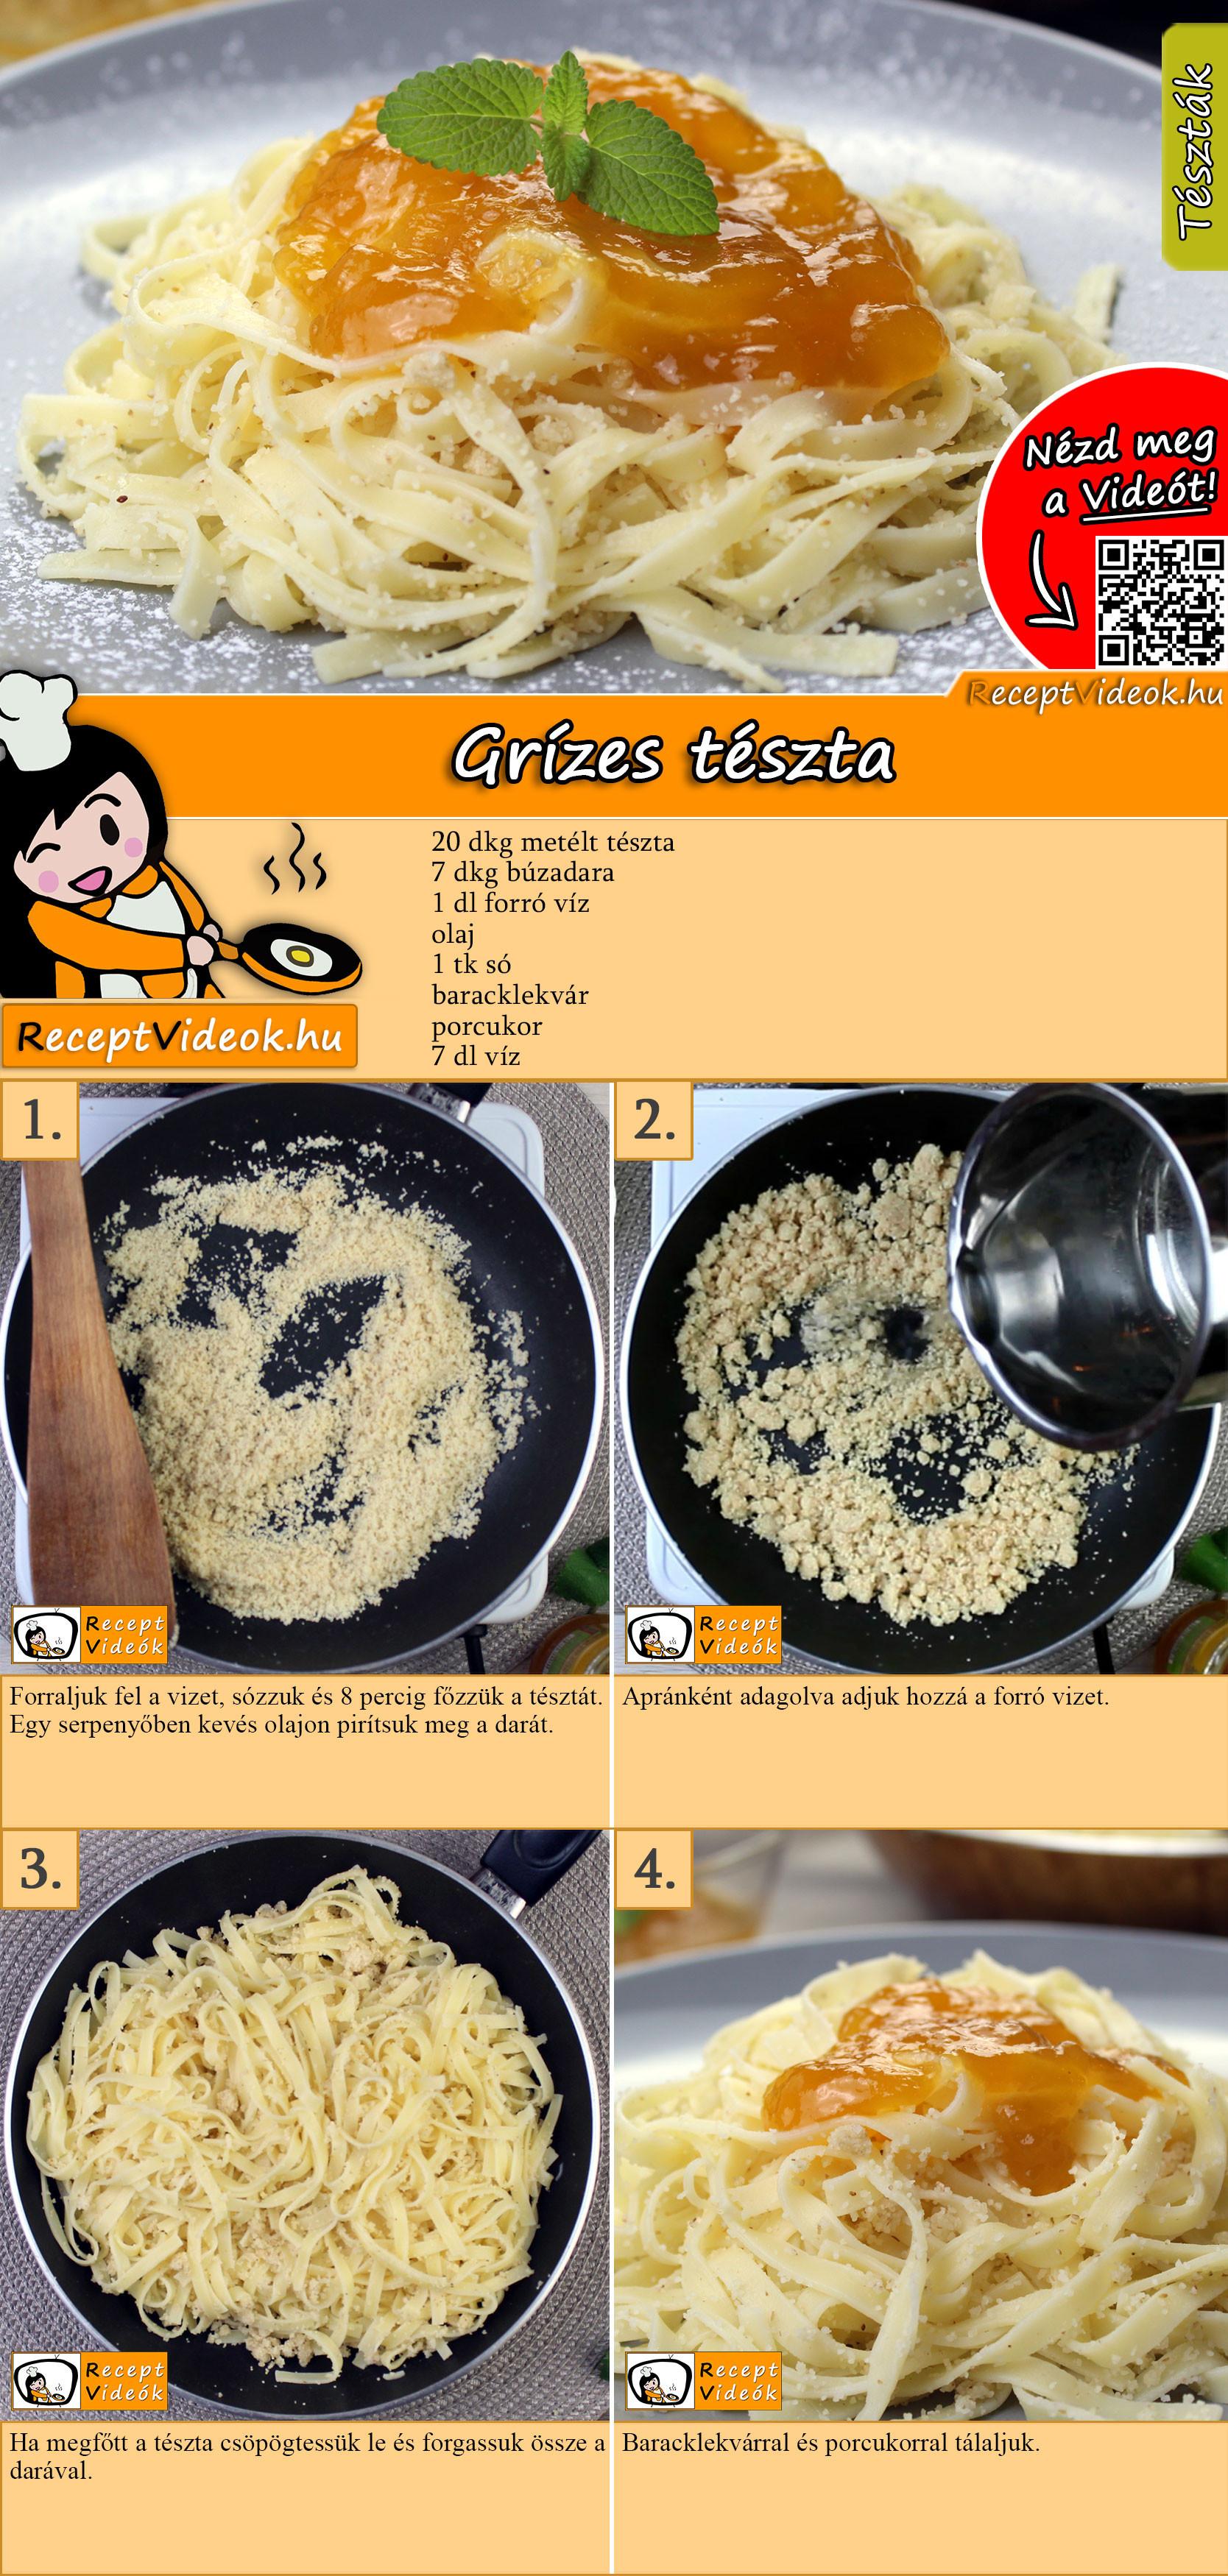 Grízes tészta recept elkészítése videóval